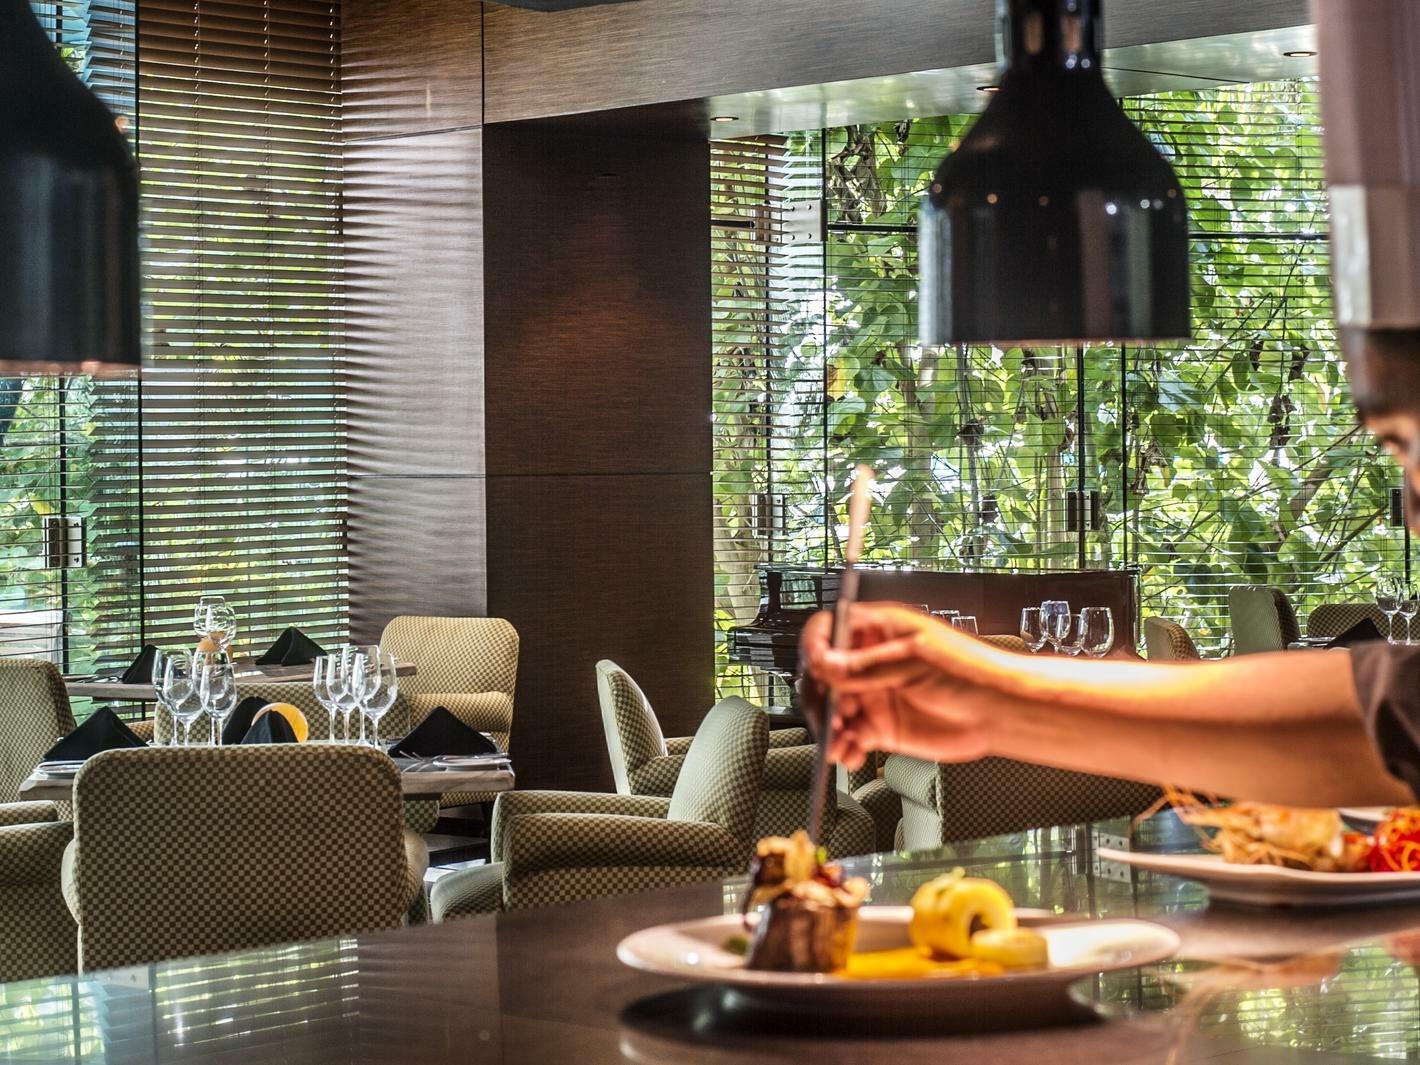 chef plating food on bar